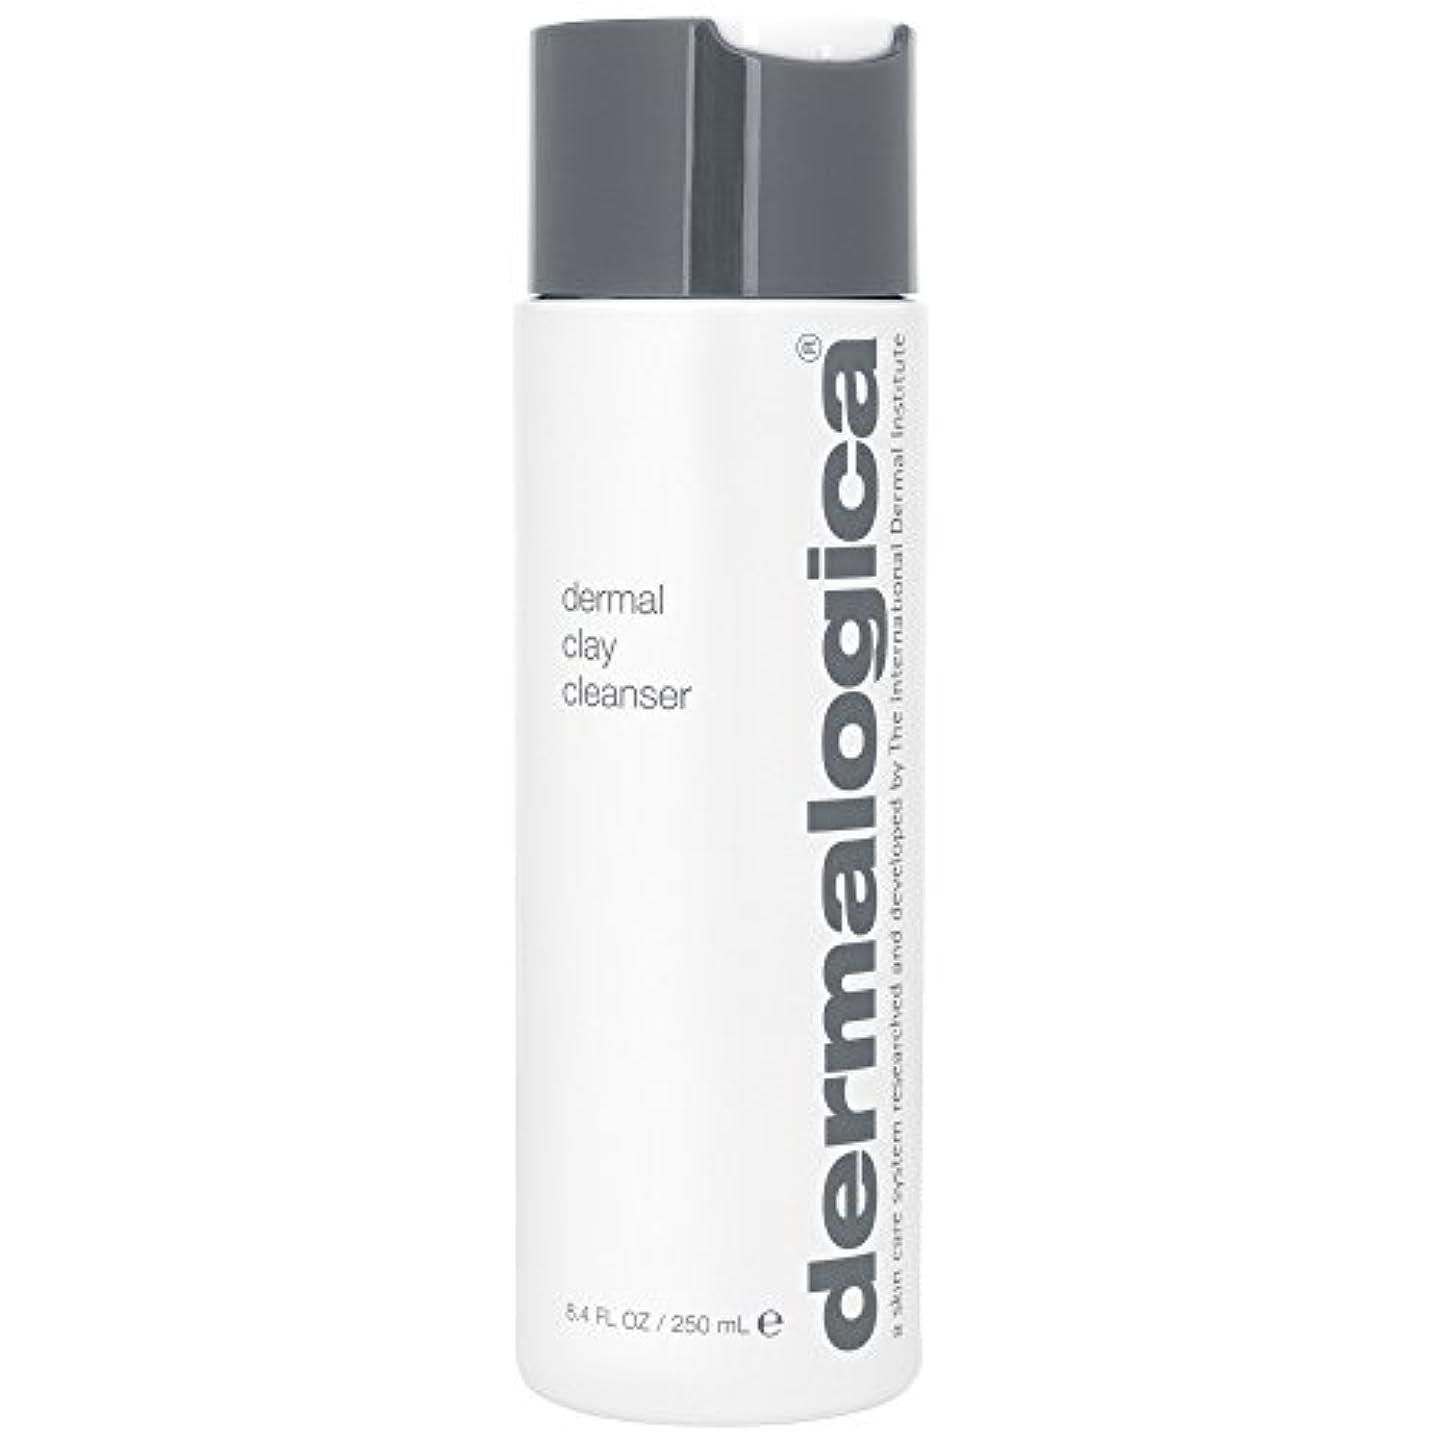 承認ルースポットダーマロジカ真皮クレイクレンザー250ミリリットル (Dermalogica) (x6) - Dermalogica Dermal Clay Cleanser 250ml (Pack of 6) [並行輸入品]